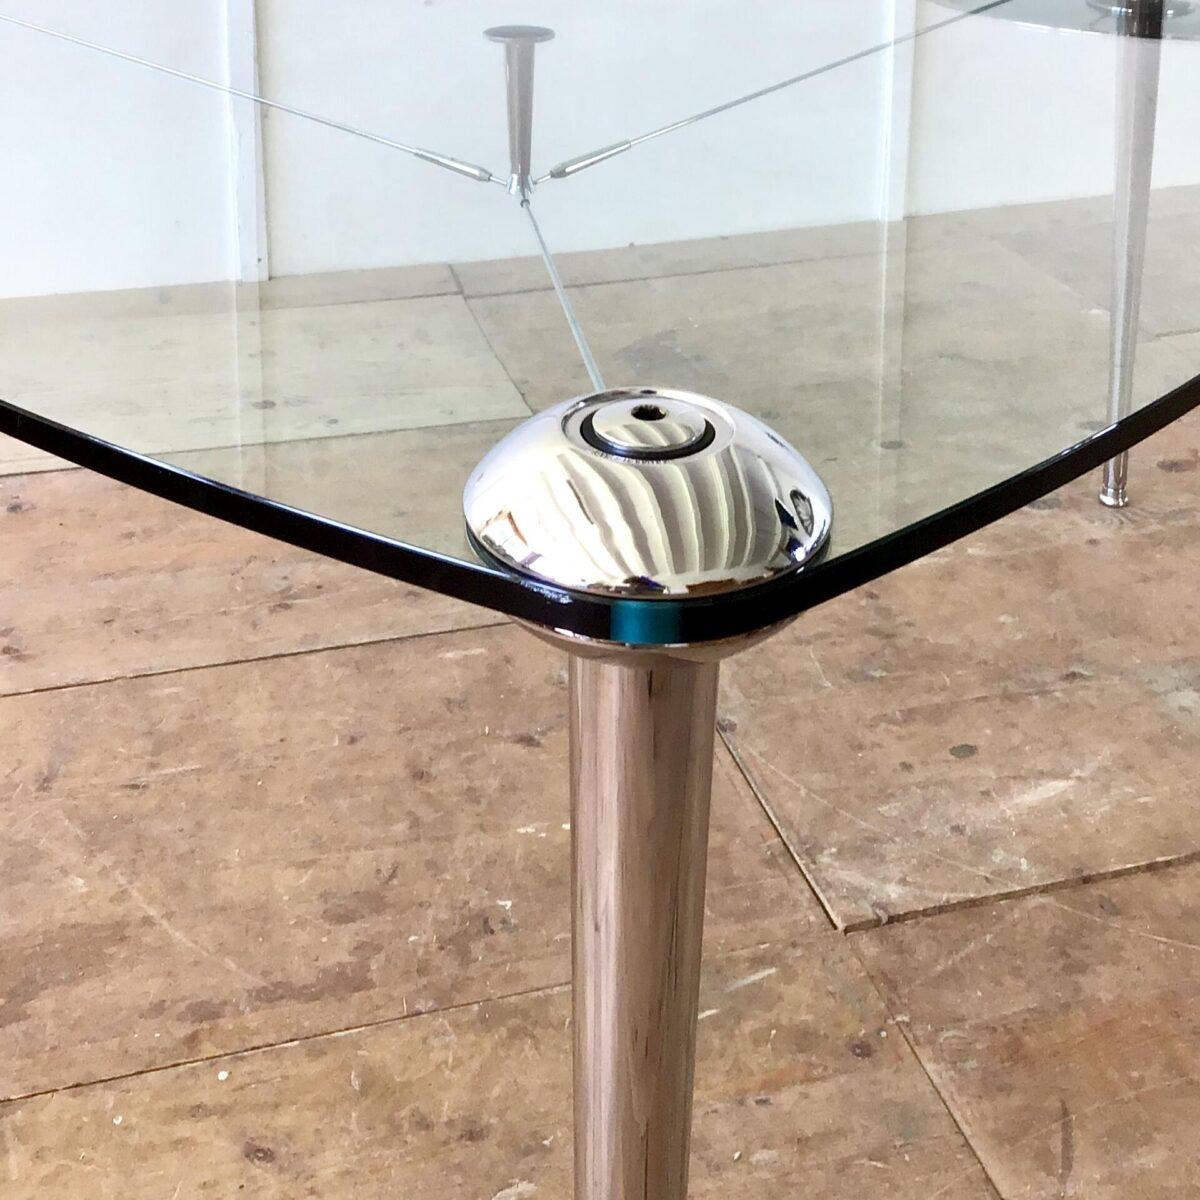 Glastisch von Hannes Wettstein für Baleri Italia. Durchmesser ca. 163cm Höhe 72cm. Kristalltischplatte, 15mm, mit verchromten Stahlrohr Füssen. Die Beine sind mittels Aludruckguss Schalen am Tischblatt befestigt, und können abgeschraubt werden. Die feinen Chromverstrebungen unter dem Tischblatt runden das ganze ab. Zusätzlich ist eine Chromstahl Früchteschale vorhanden, die auf einem beliebigen Tischbein aufgeschraubt werden kann. Tischfüsse können nivelliert werden.